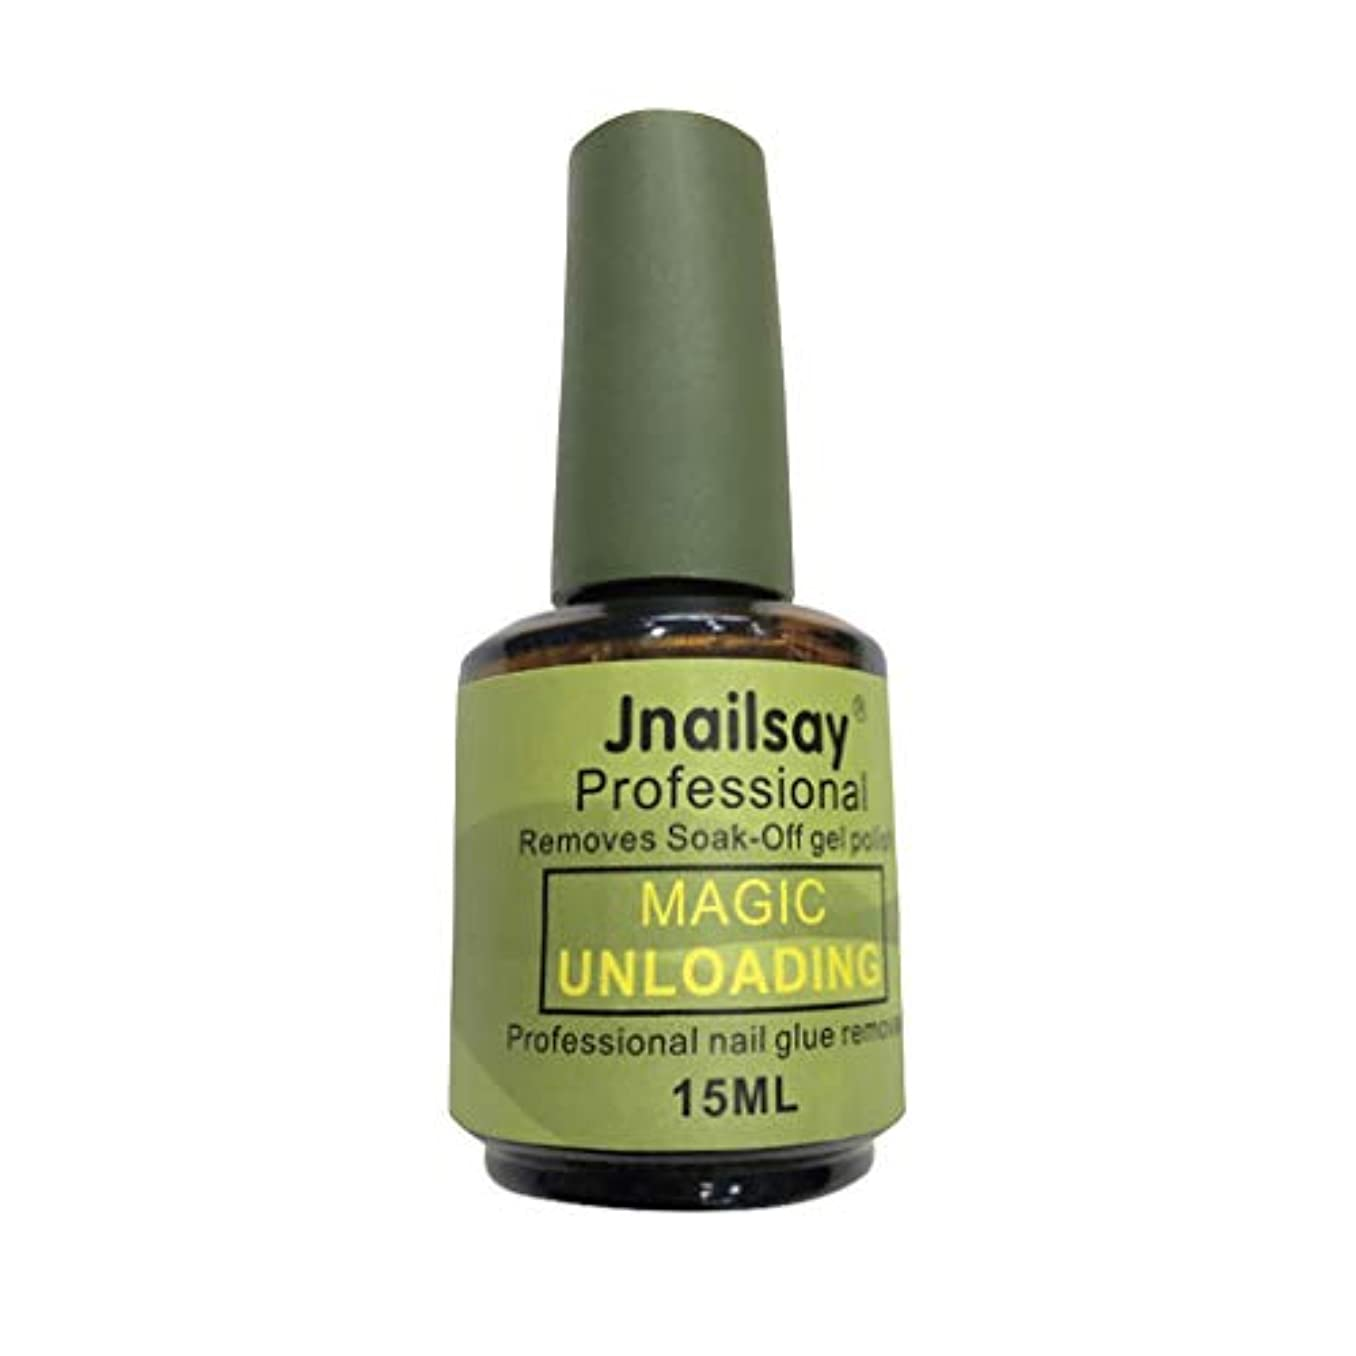 存在添付仲良しネイル用品 Jnailsay 15ml速い破裂の装甲接着剤1分の荷を下す操作は釘を傷つけないで簡単で便利です (多色)